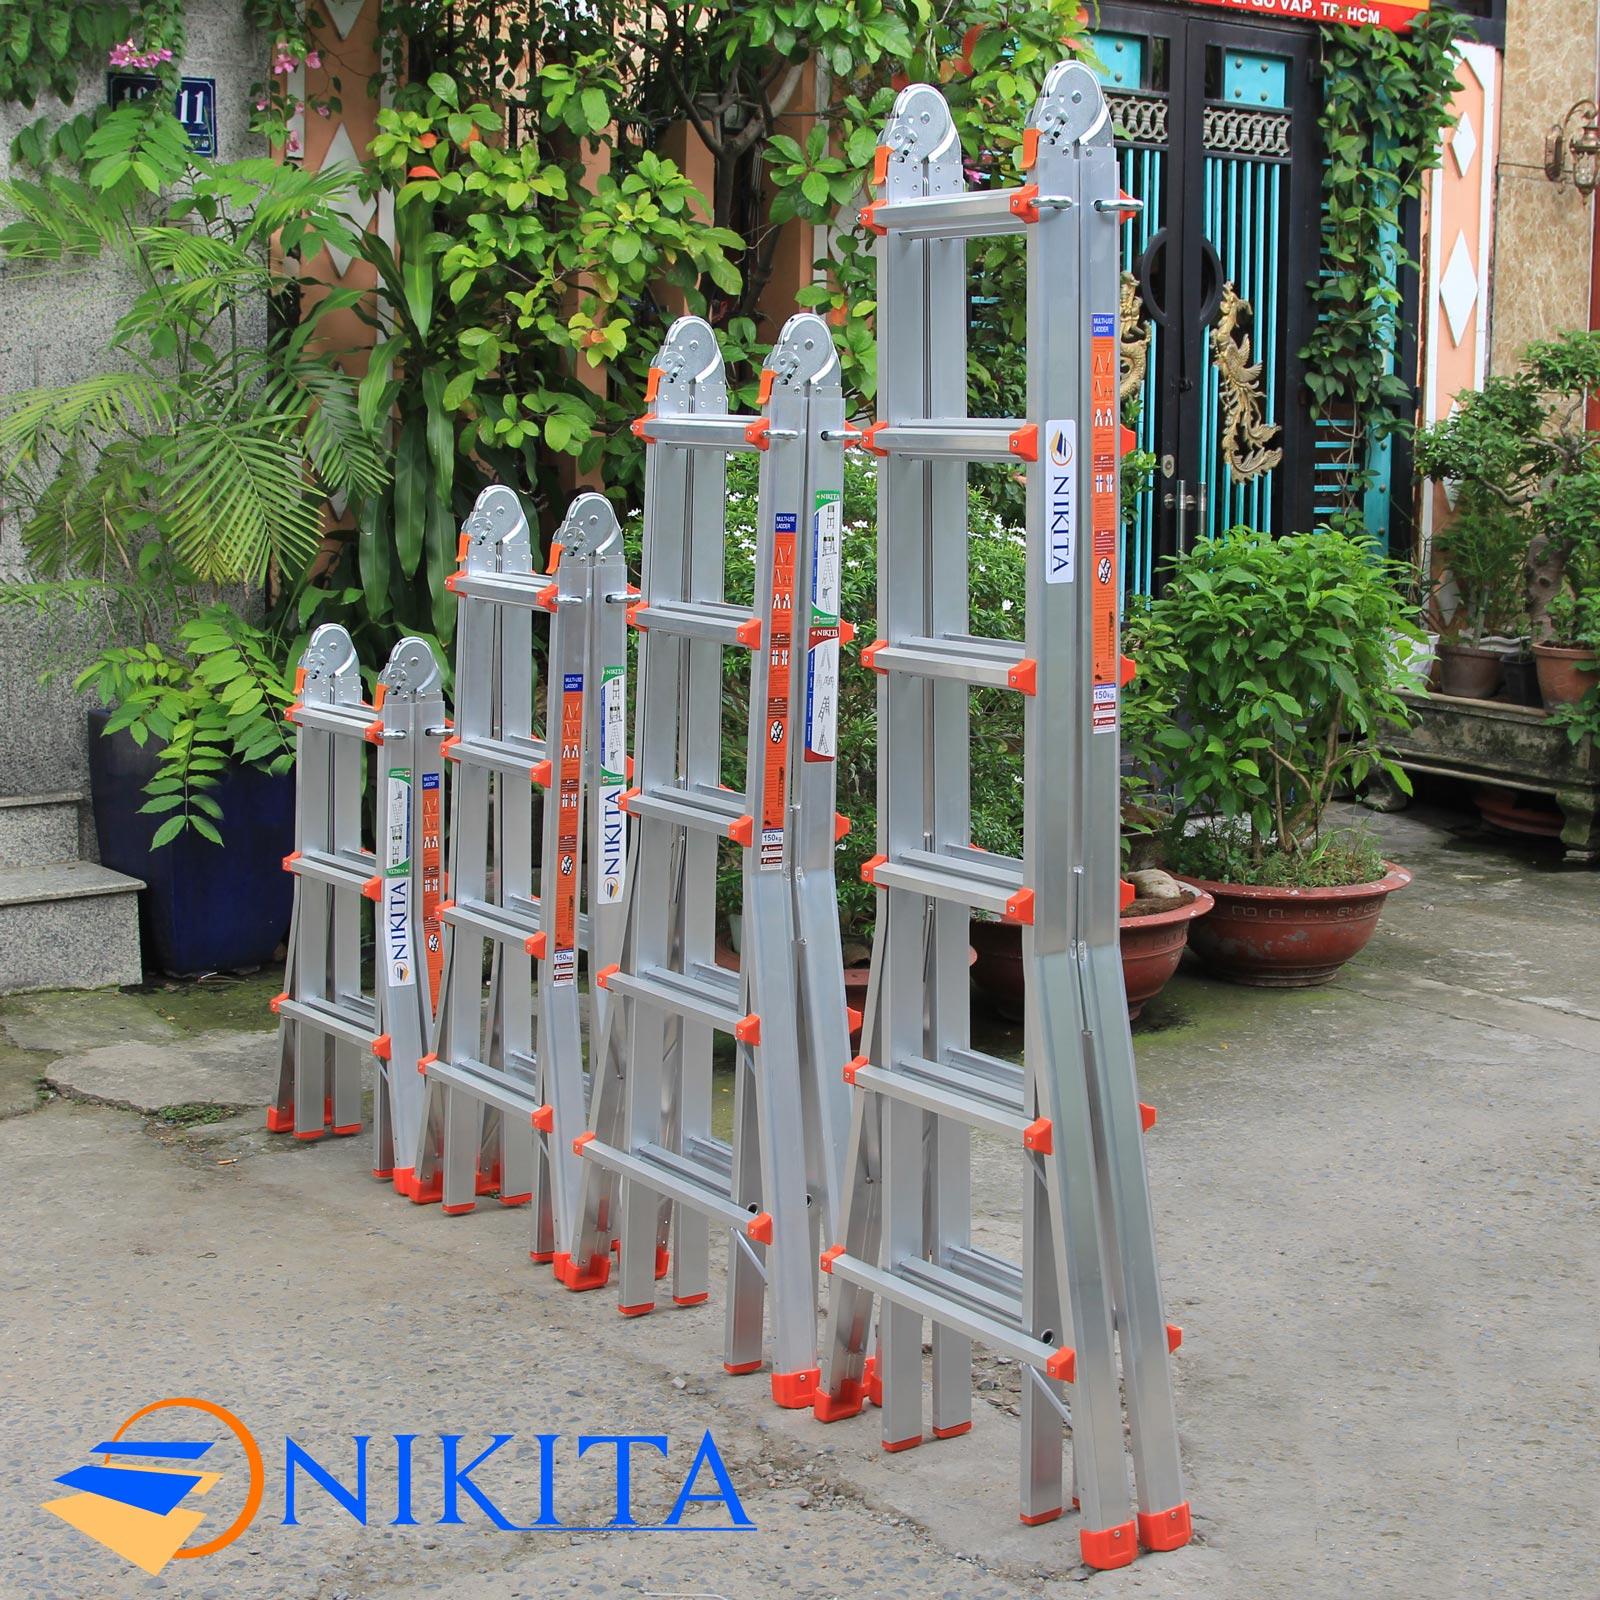 thang nhom gấp chữ a nikita